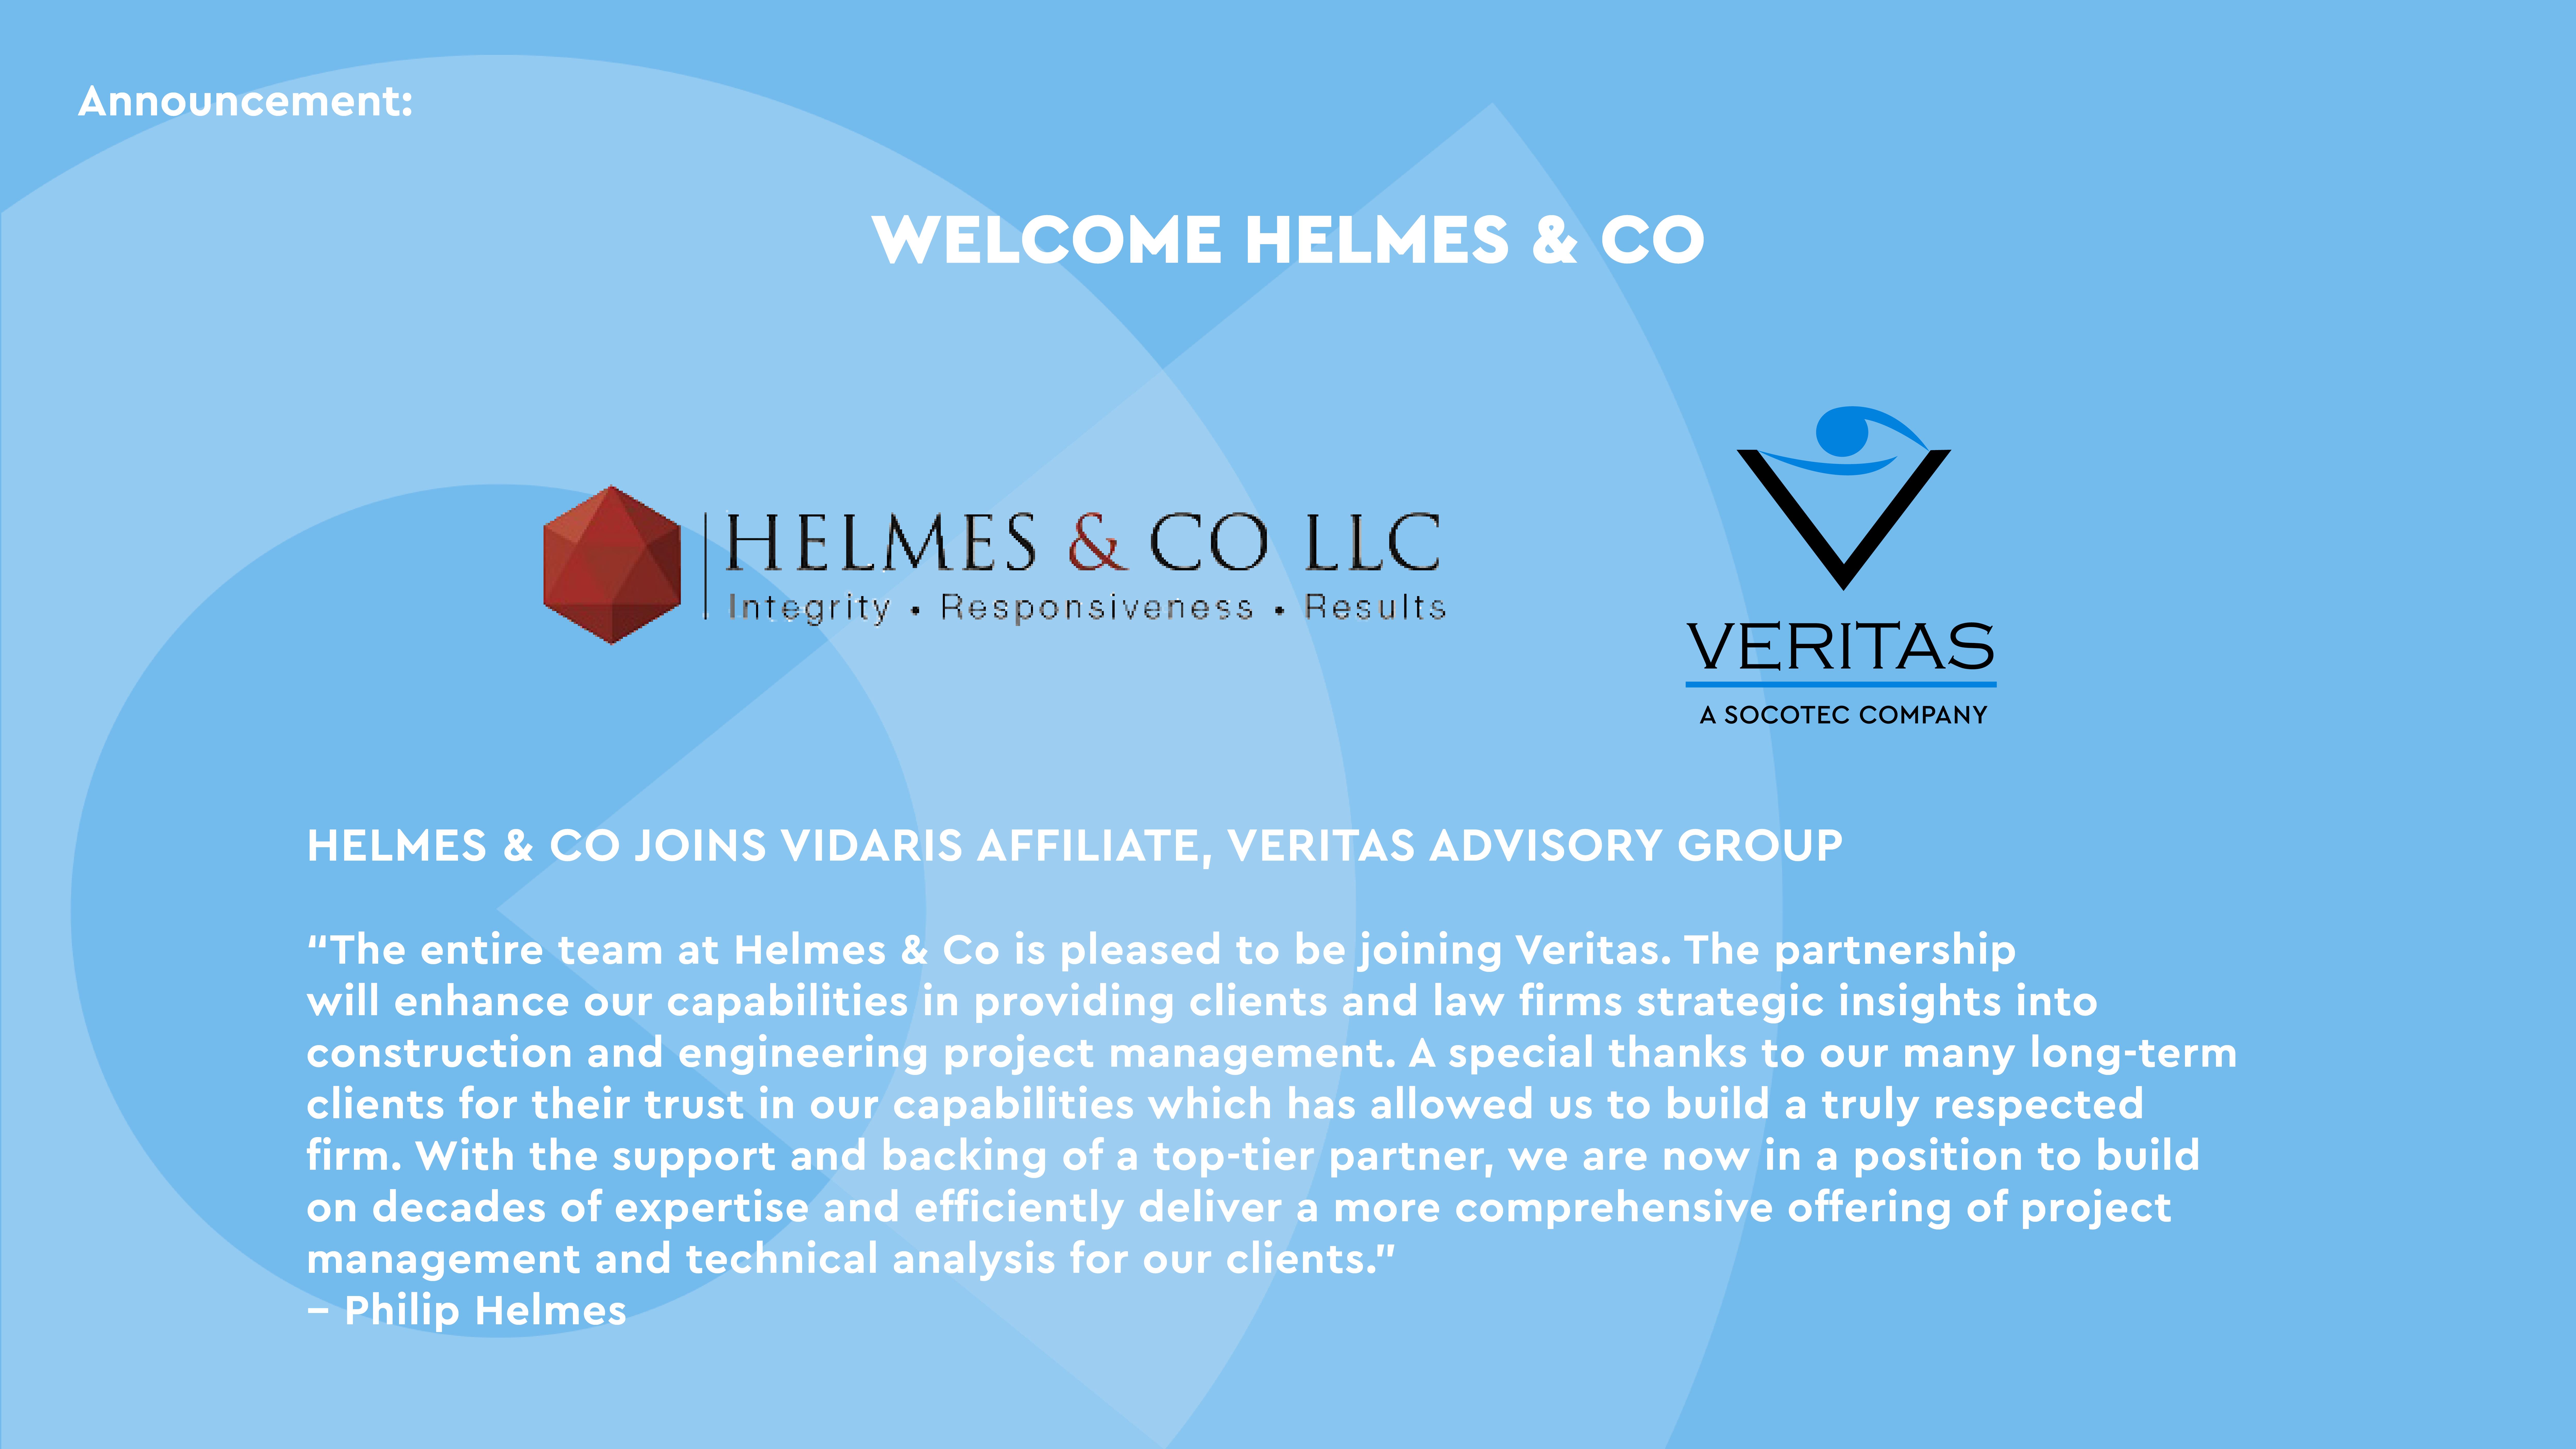 Helmes & Co